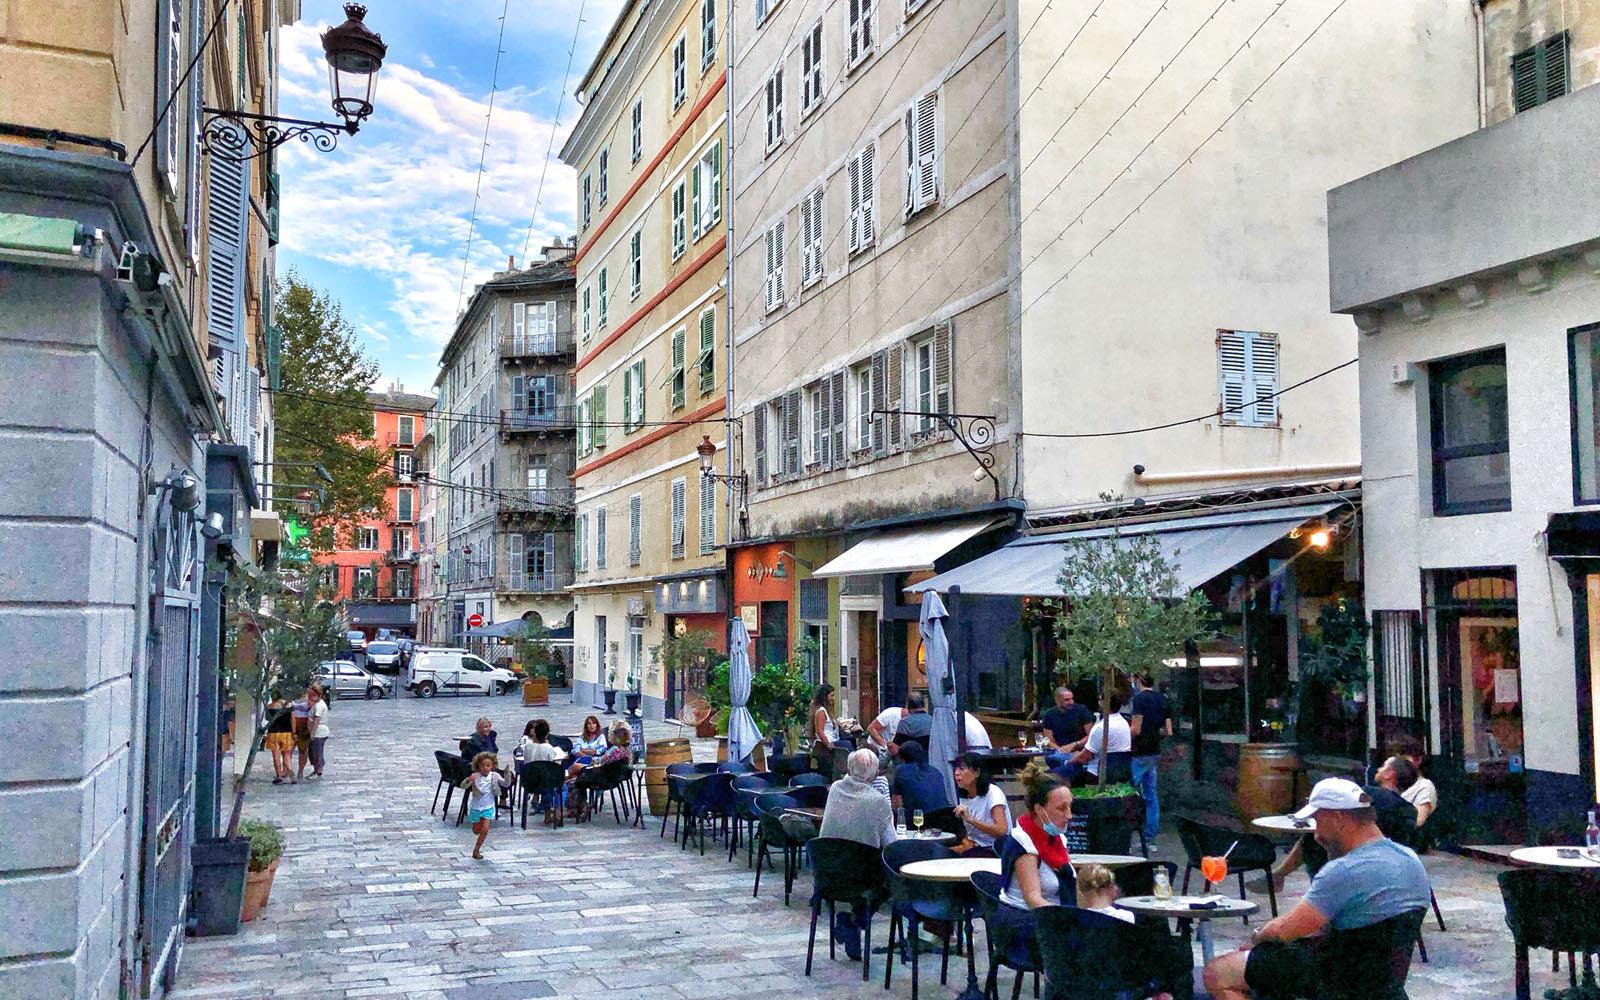 L'animata rue Napoléon. © oltreilbalcone